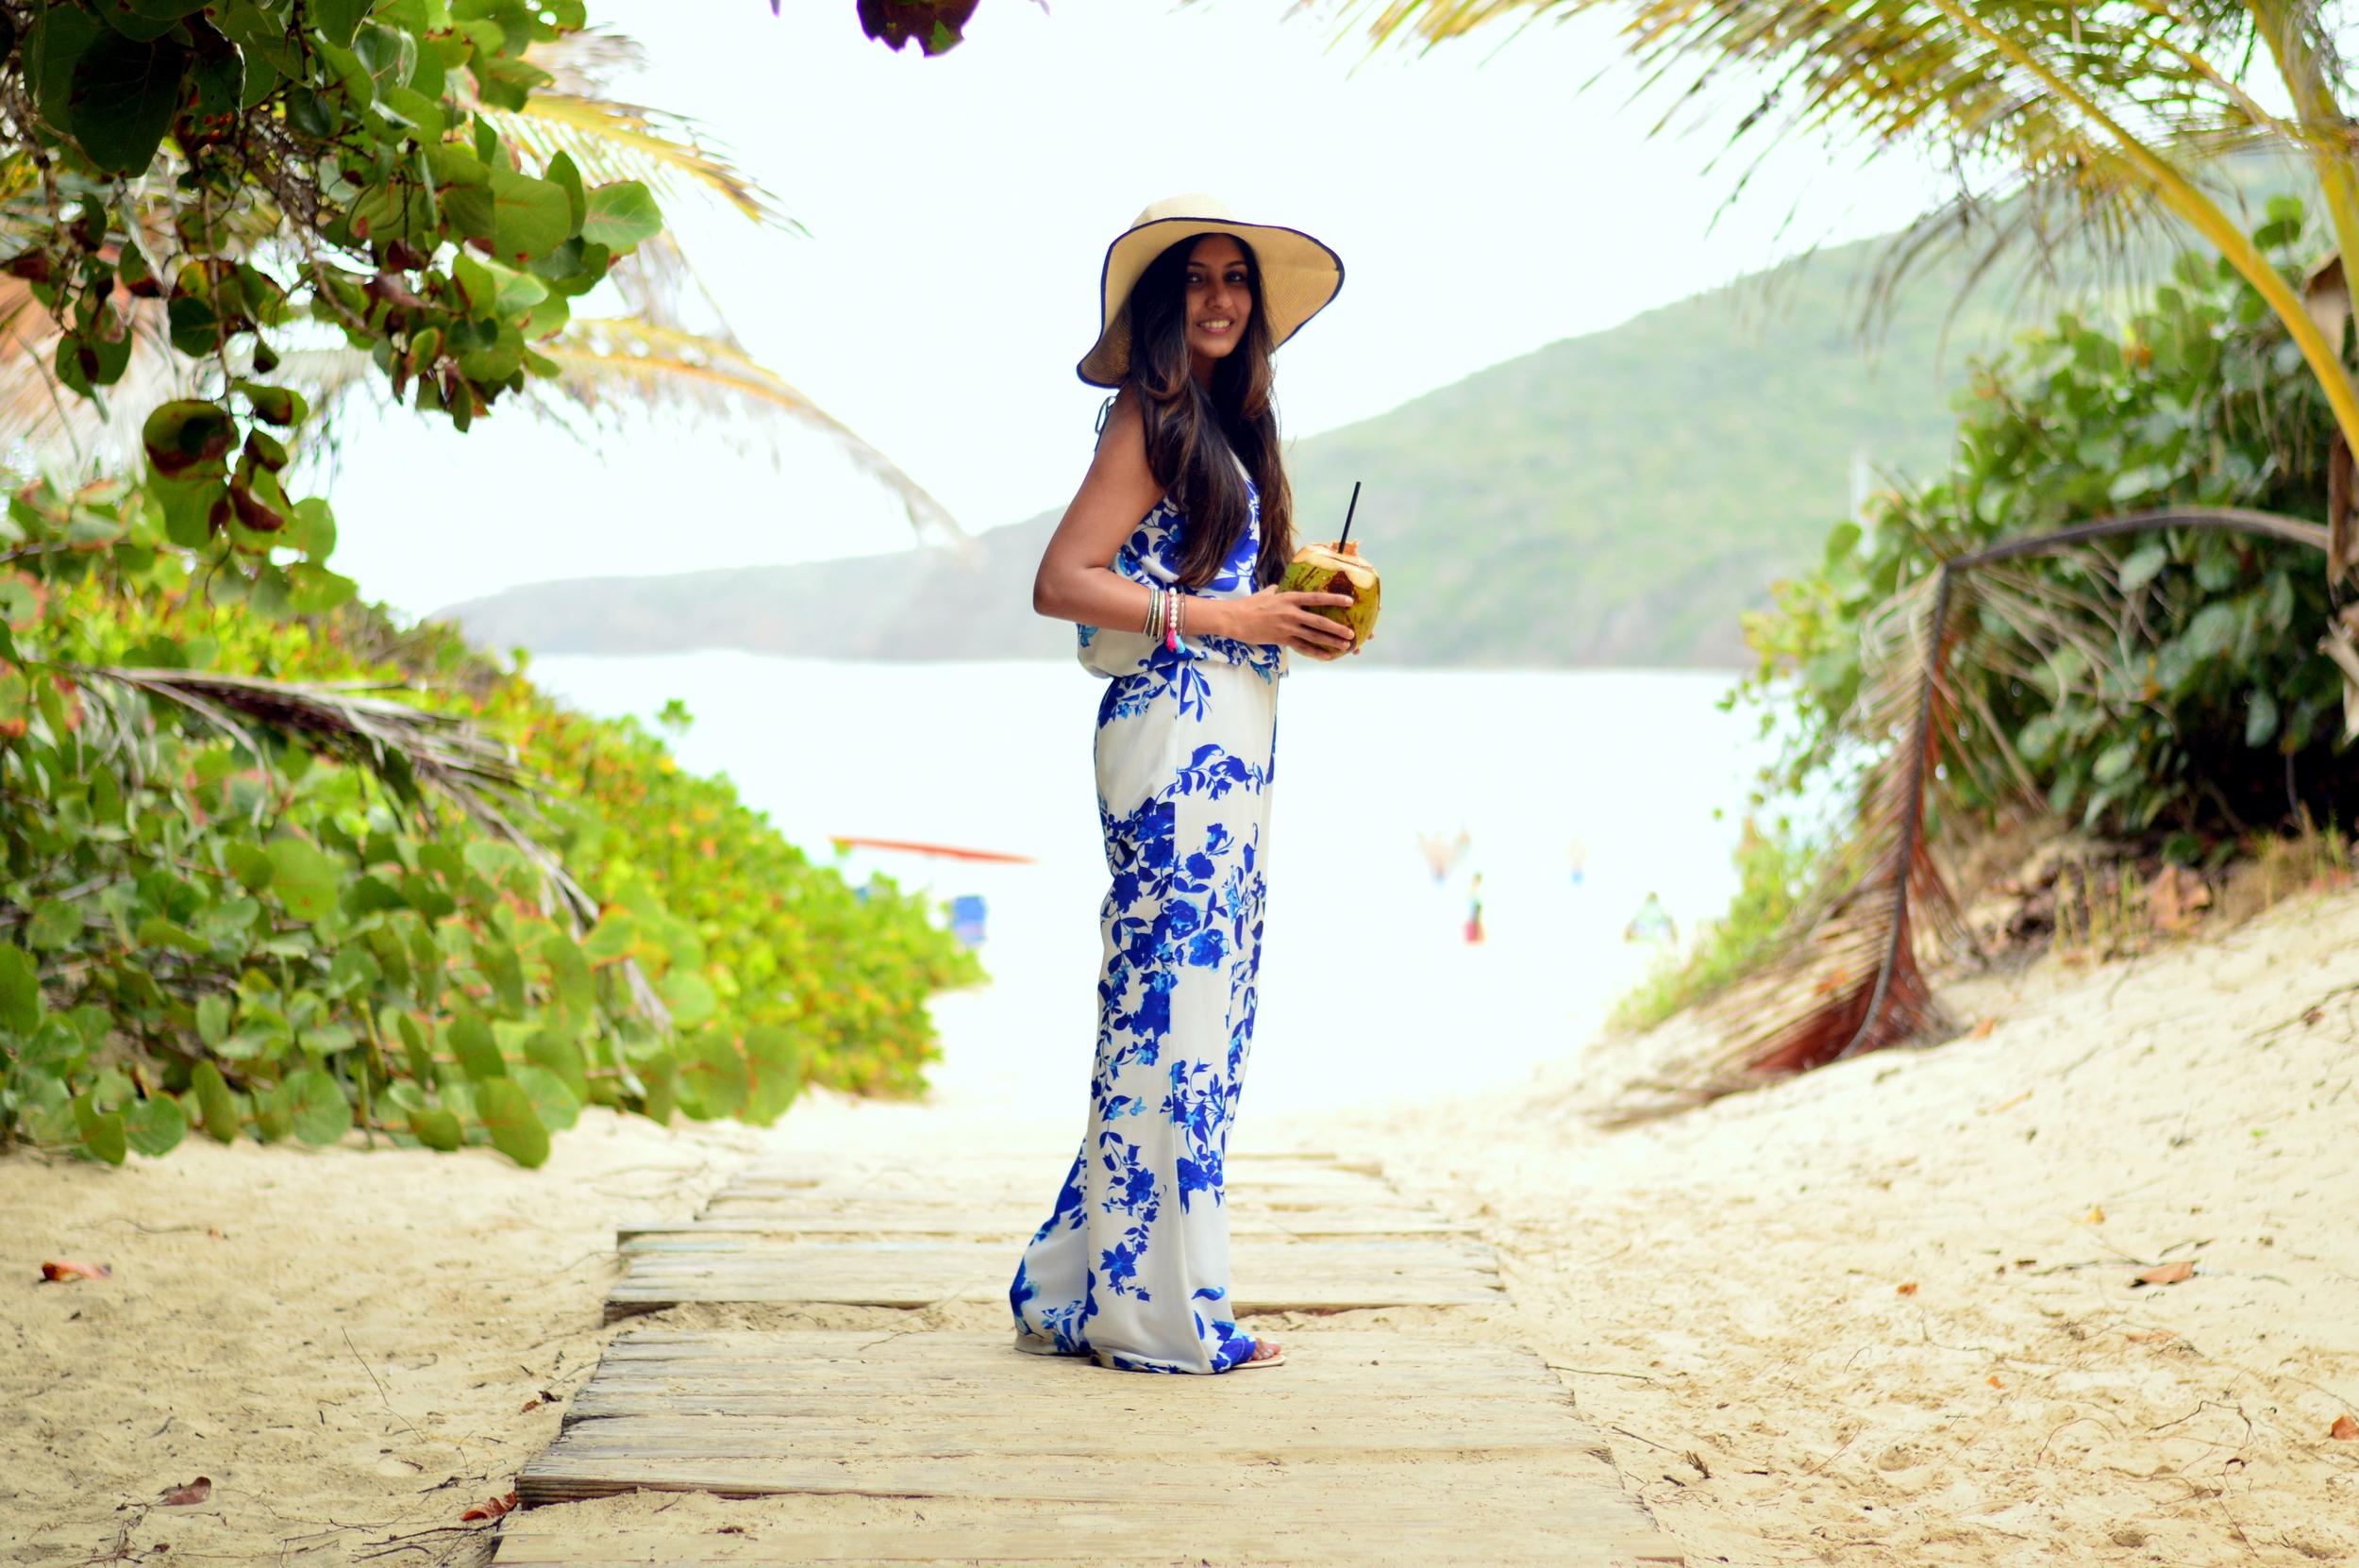 culebra-flamenco-beach-travel-guide